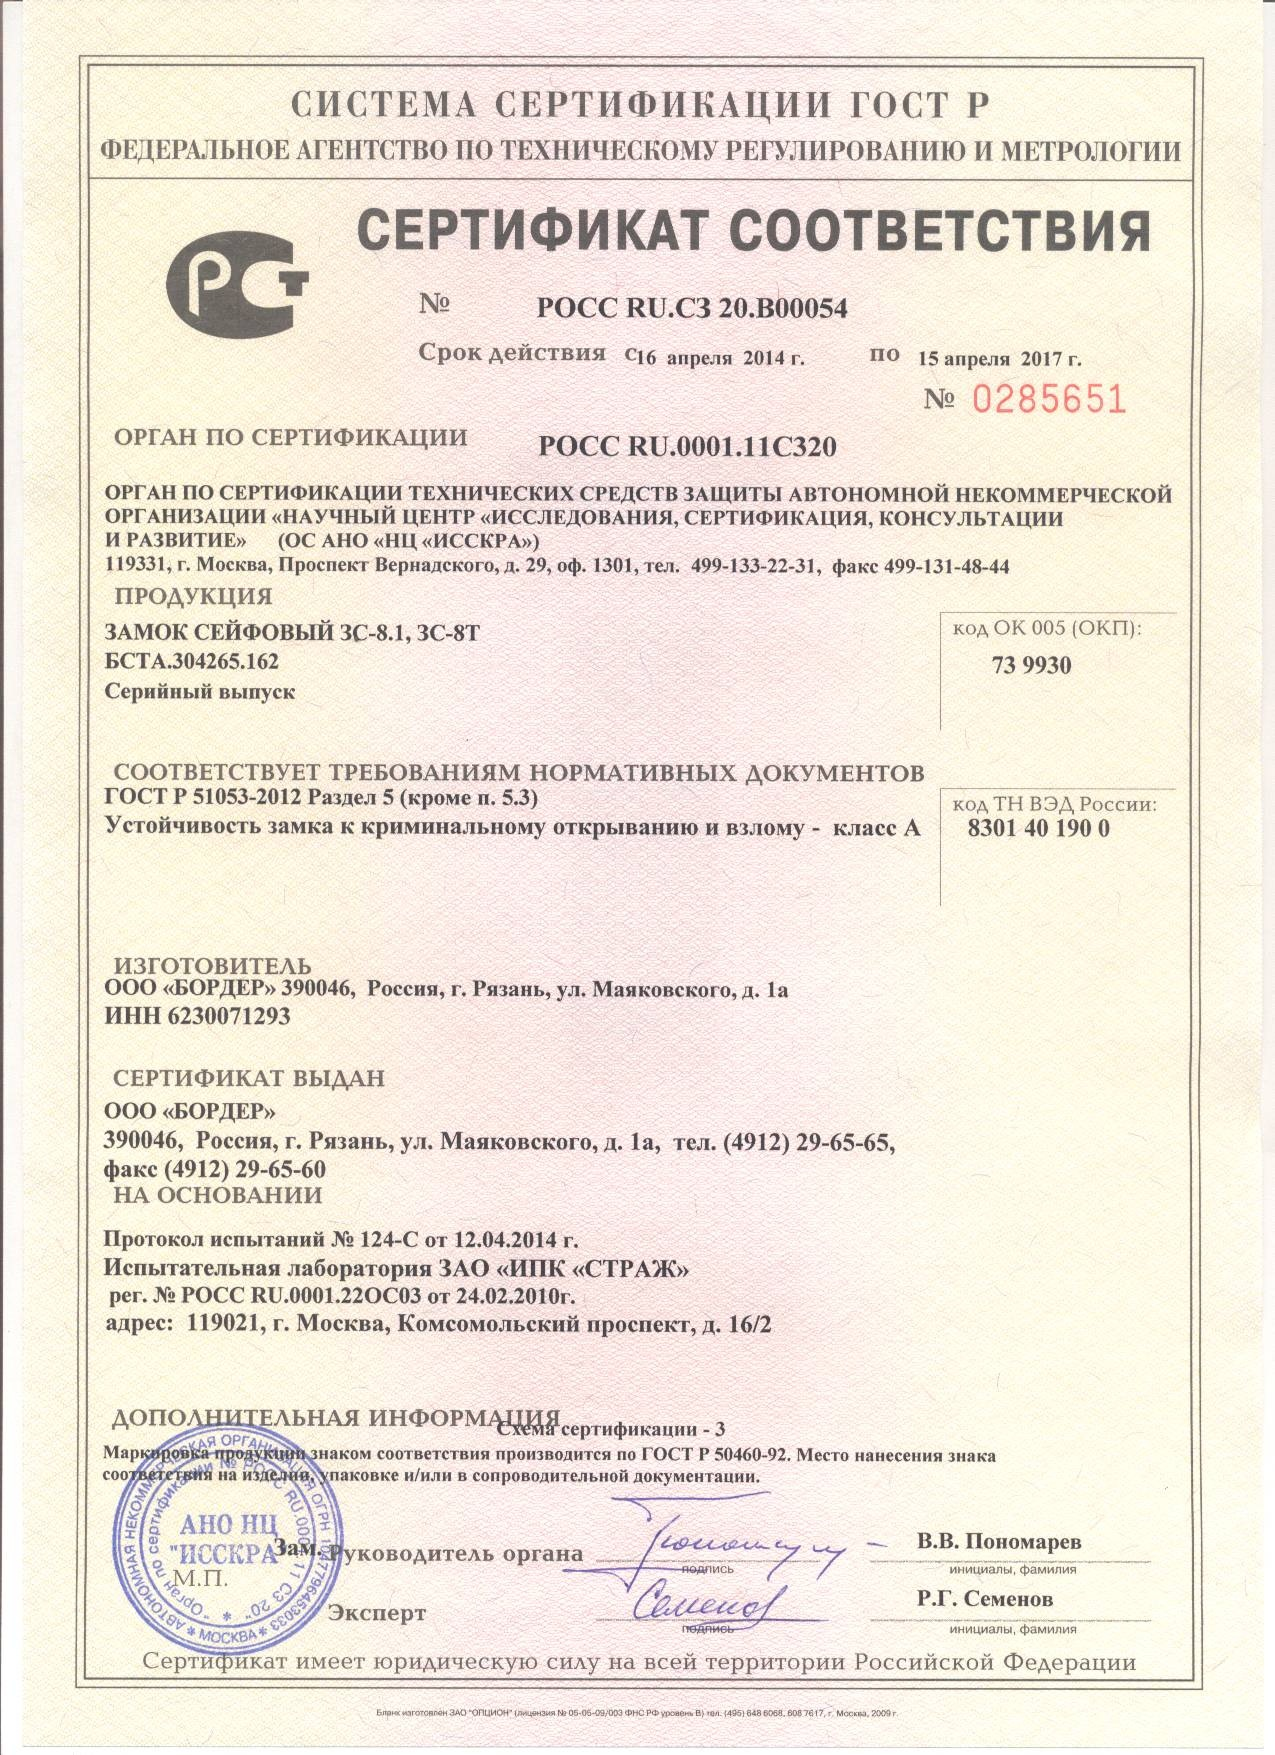 Сертификат на сейфовые замки